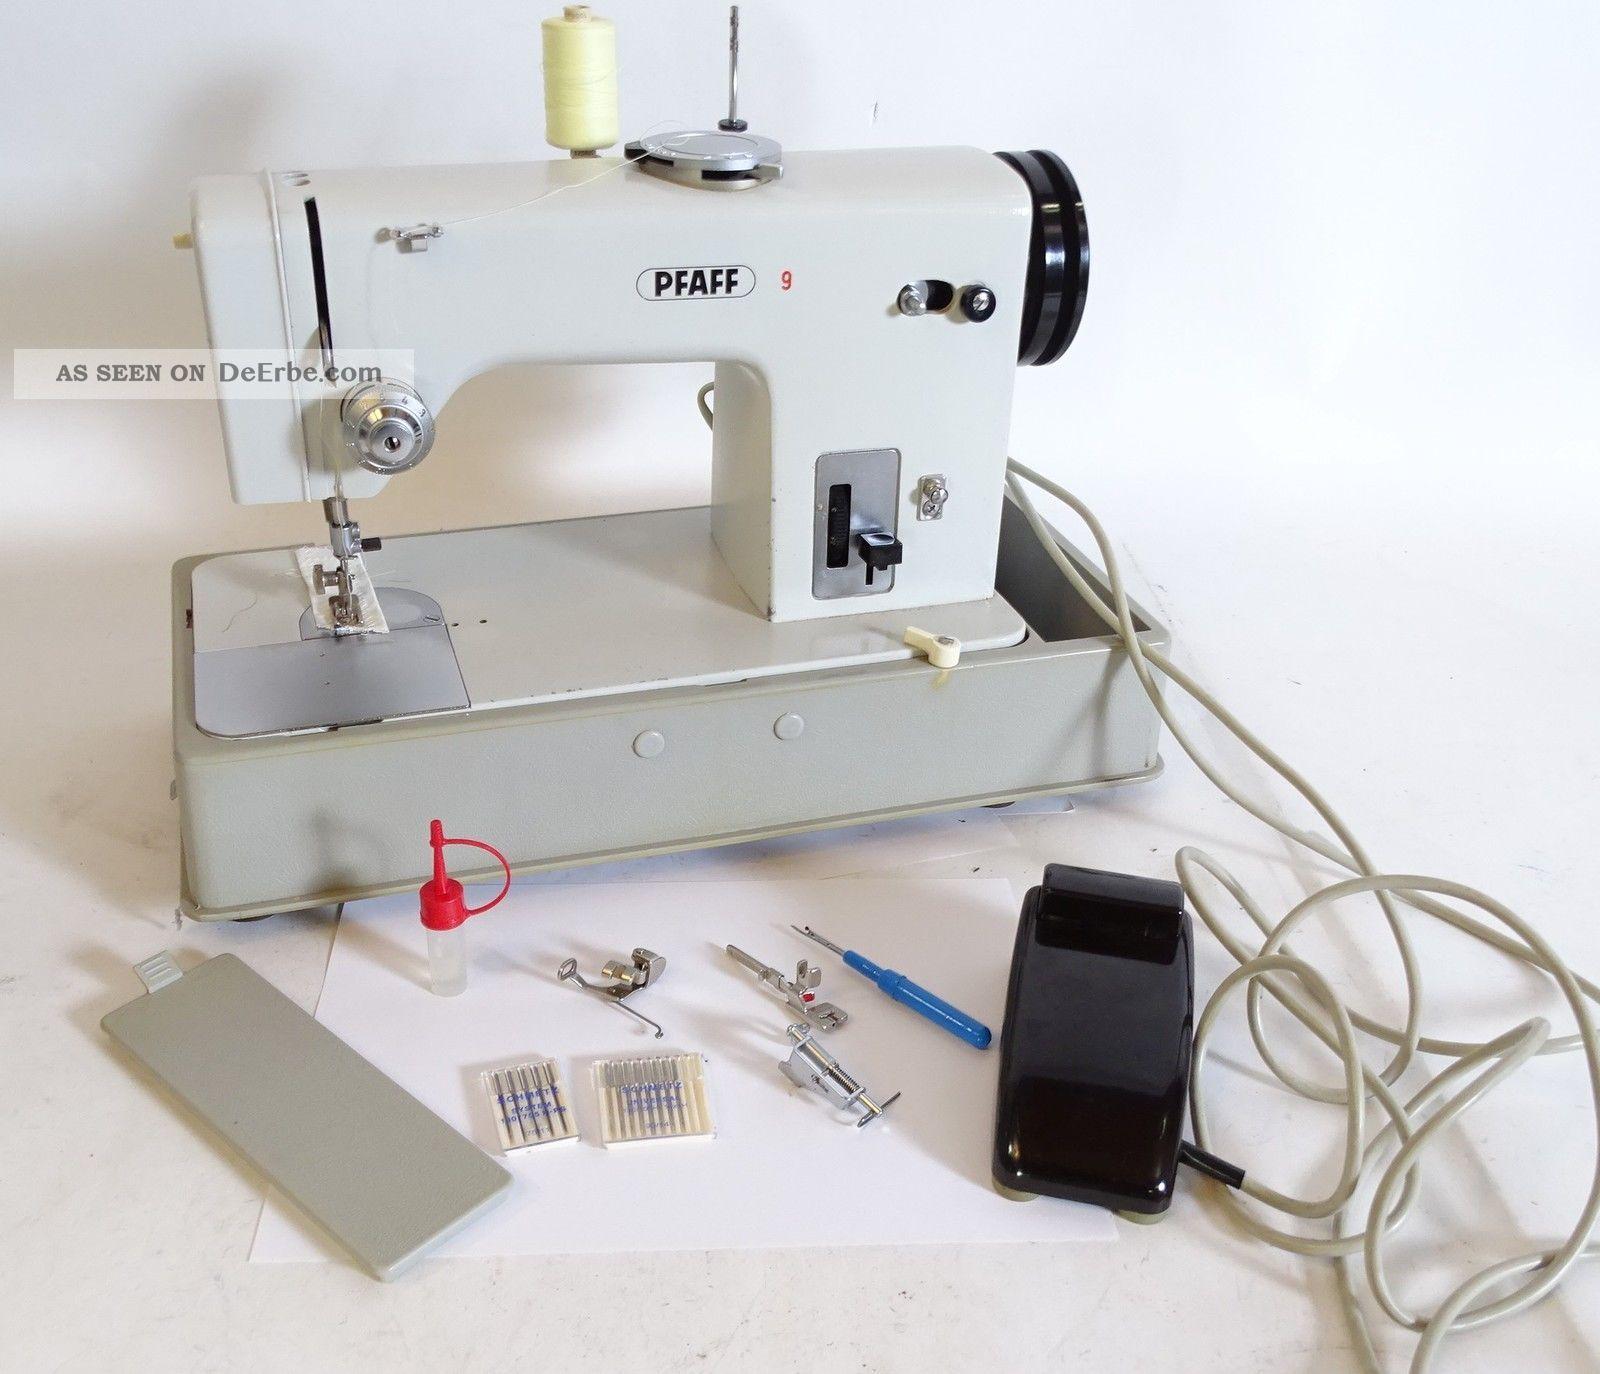 Vintage Pfaff 9 Nähmaschine Mit Zubehör In Koffer Haushalt Bild